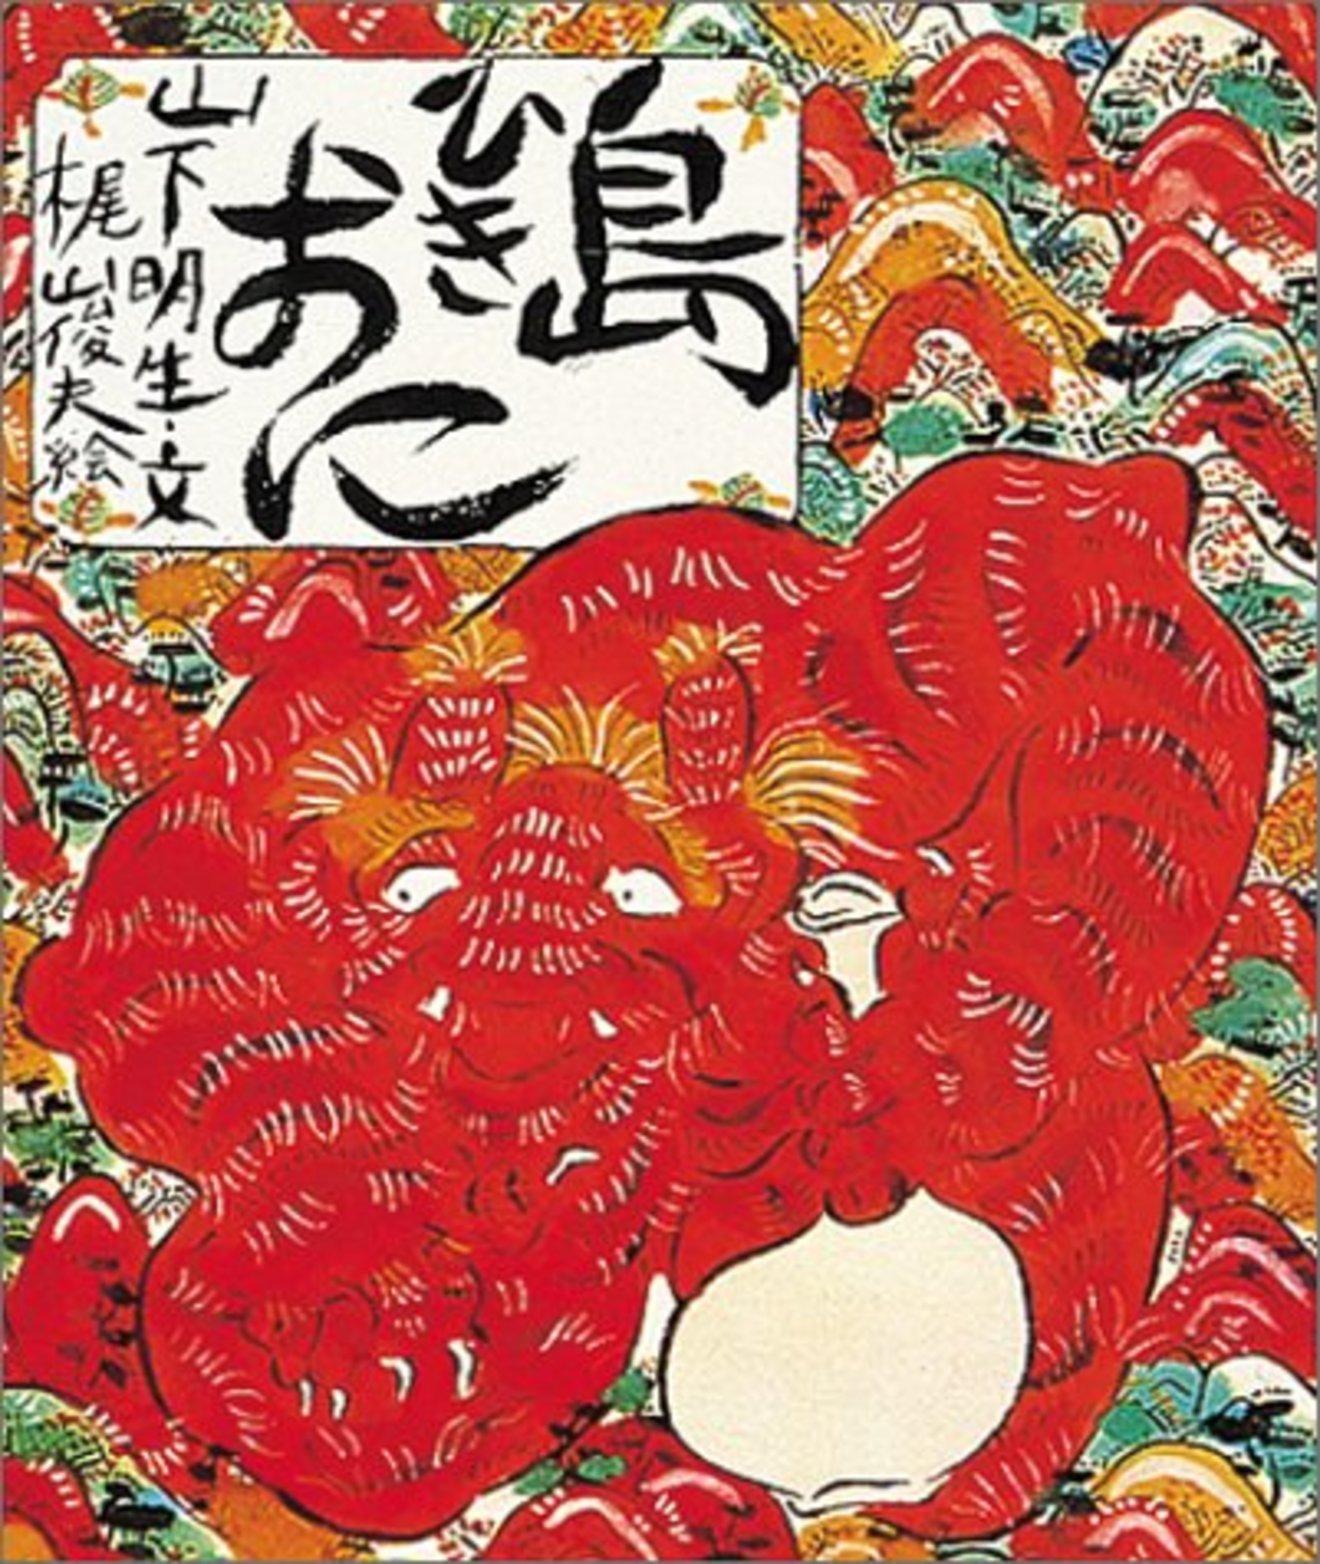 山下明生のおすすめ書籍6選!絵本「ねずみ」シリーズと「バーバパパ」で有名